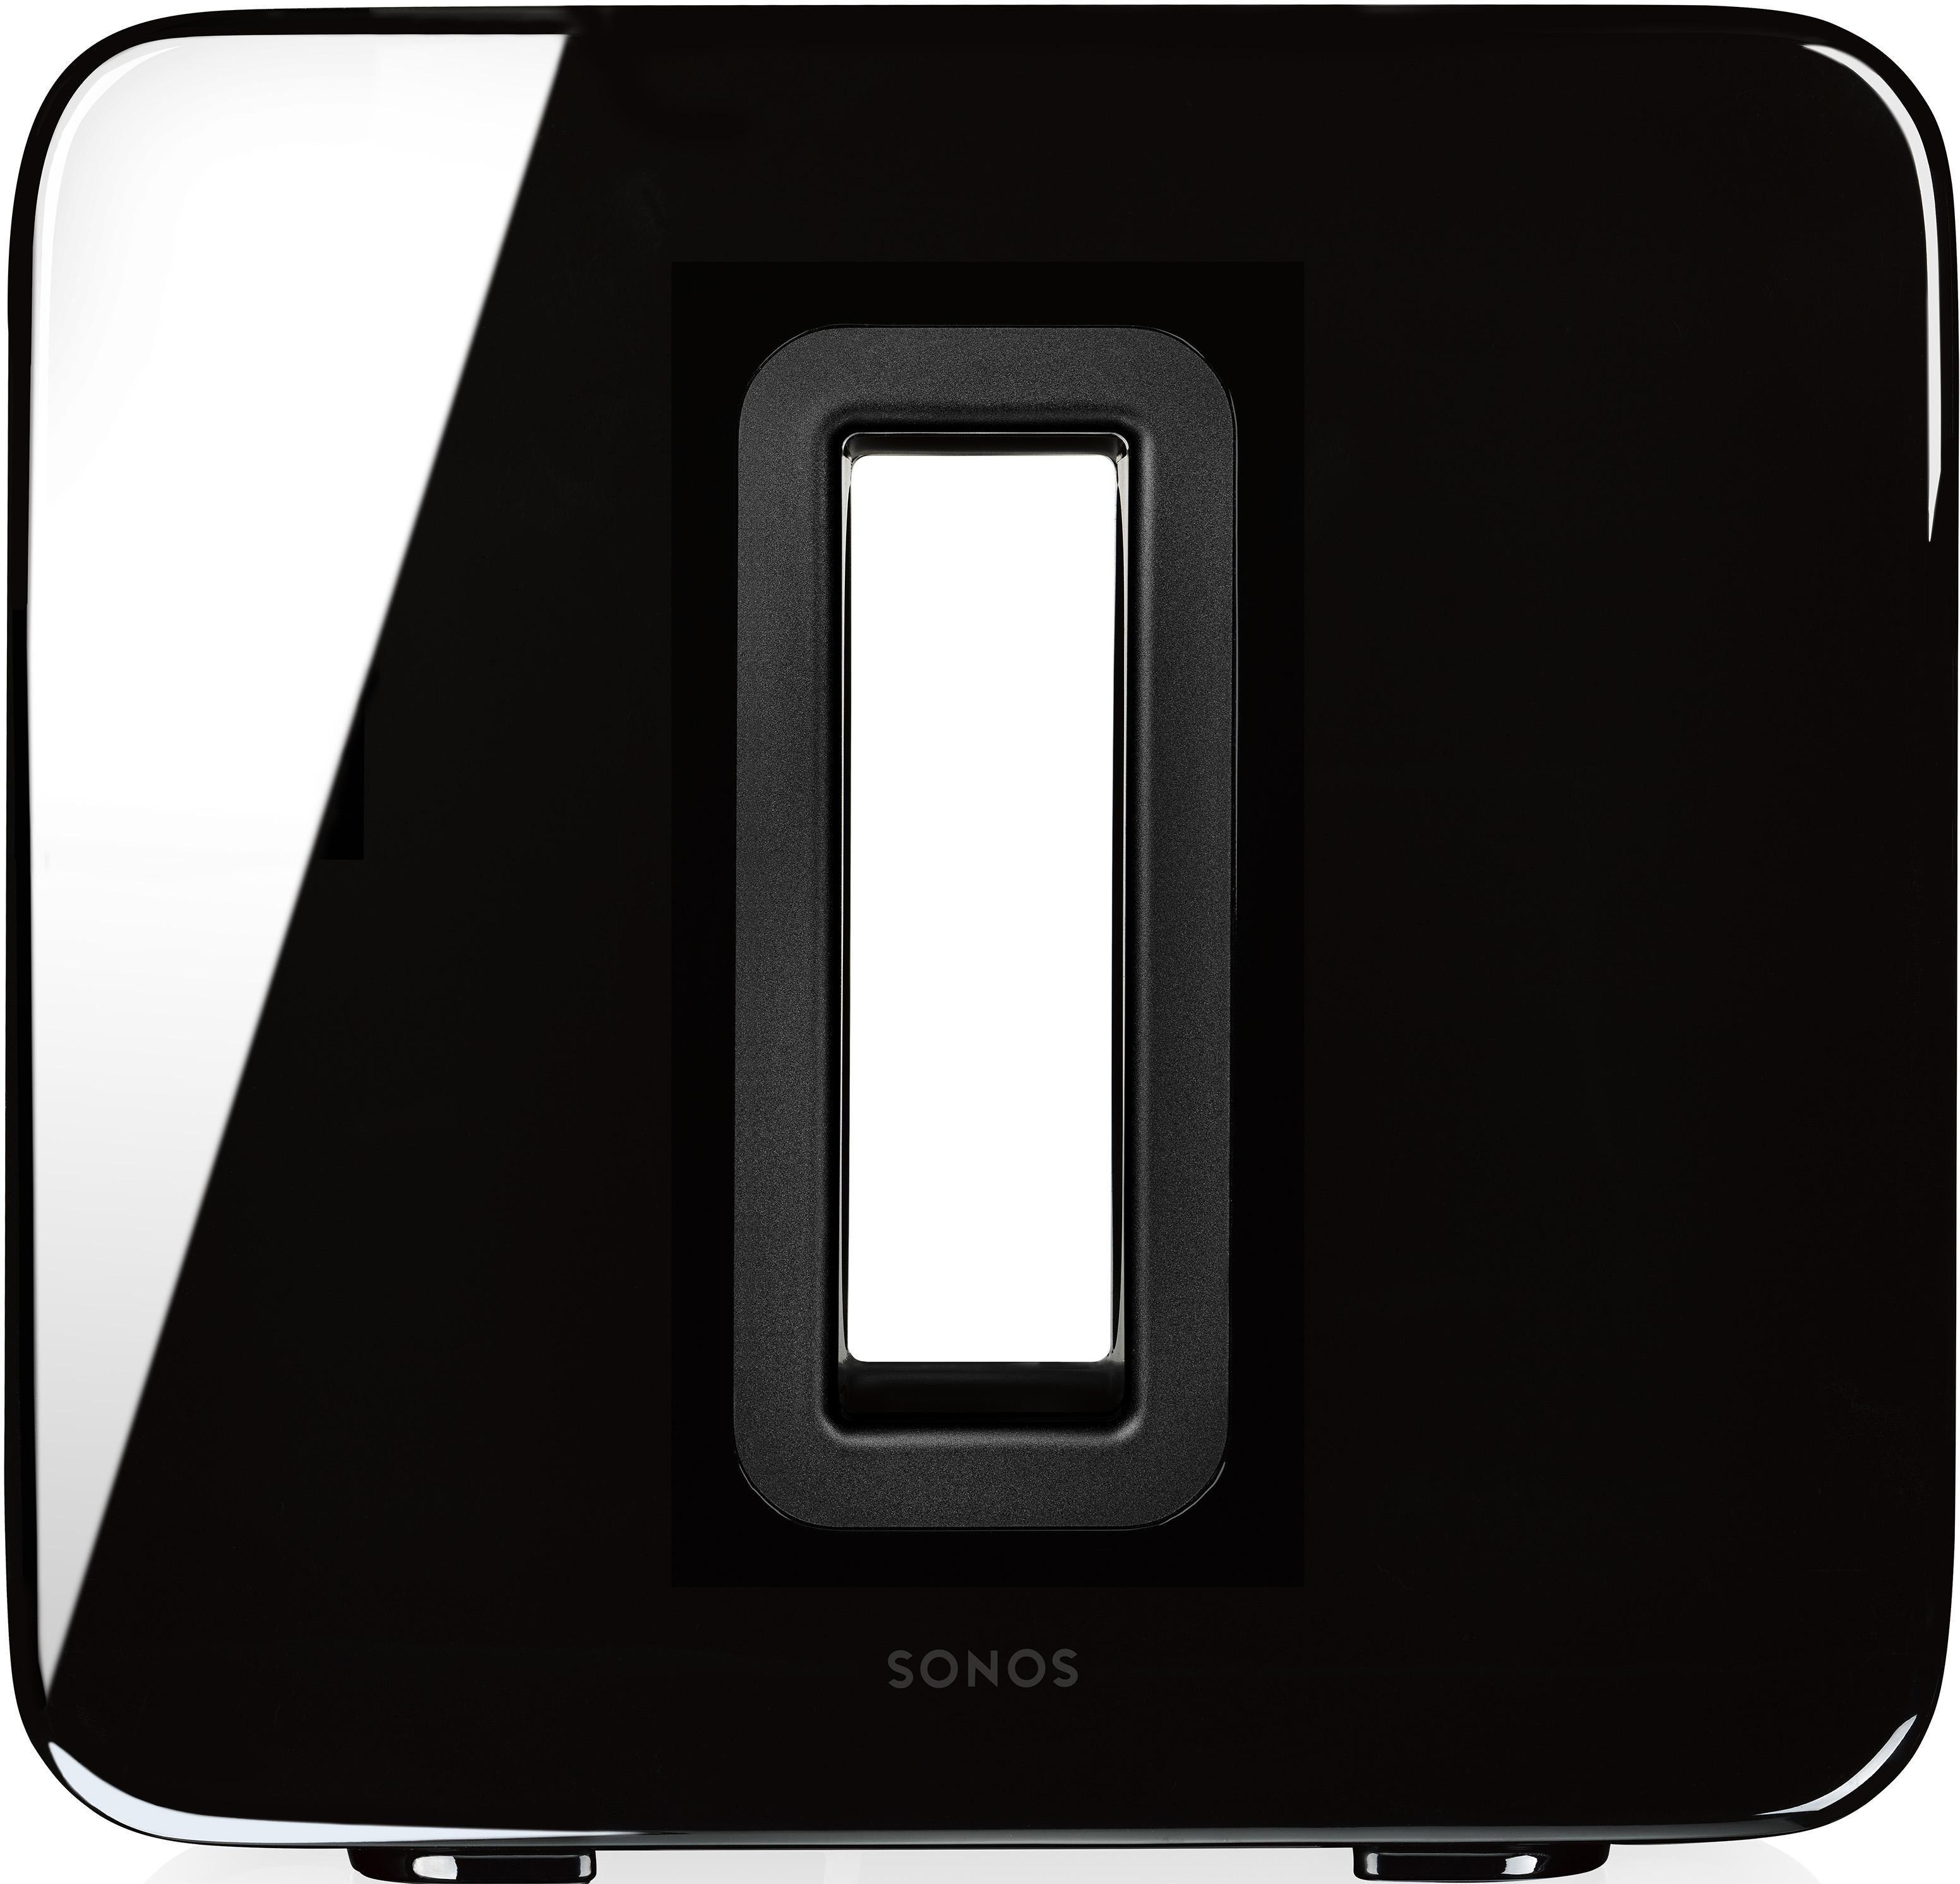 Sub Subwoofer (WLAN (WiFi), LAN (Ethernet), Multiroom, Multiroom, Dual-Akustikports)